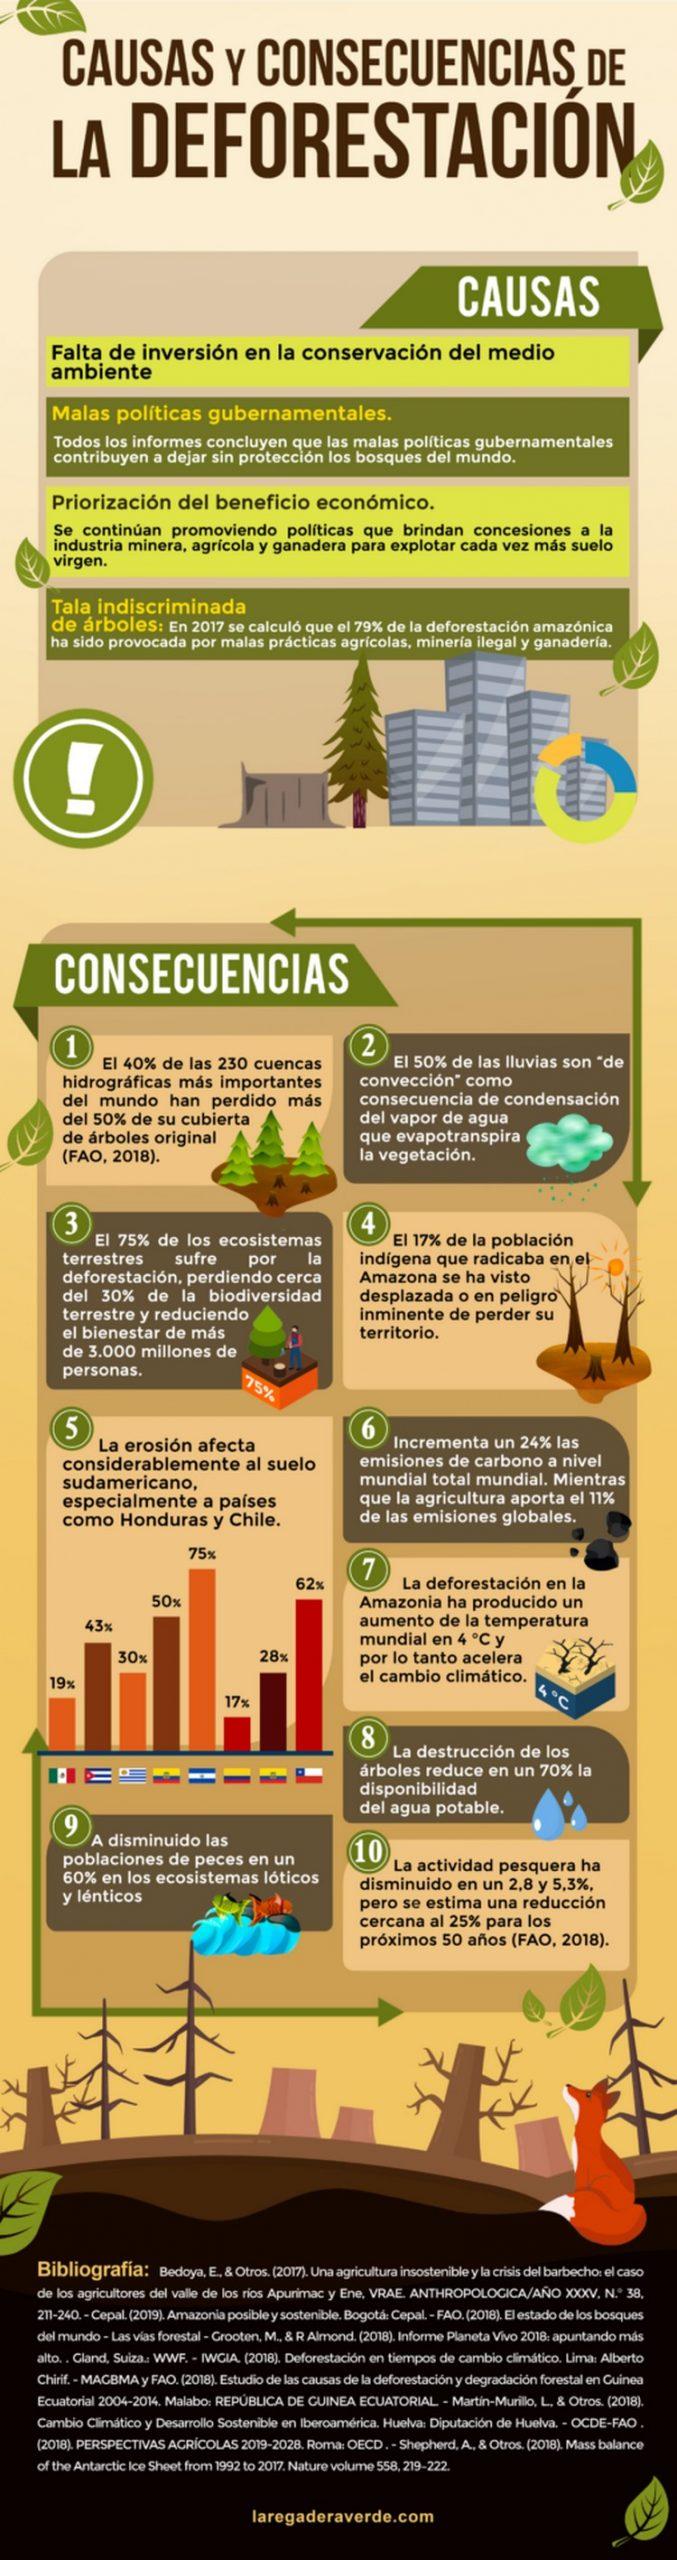 Infografía sobre la deforestación